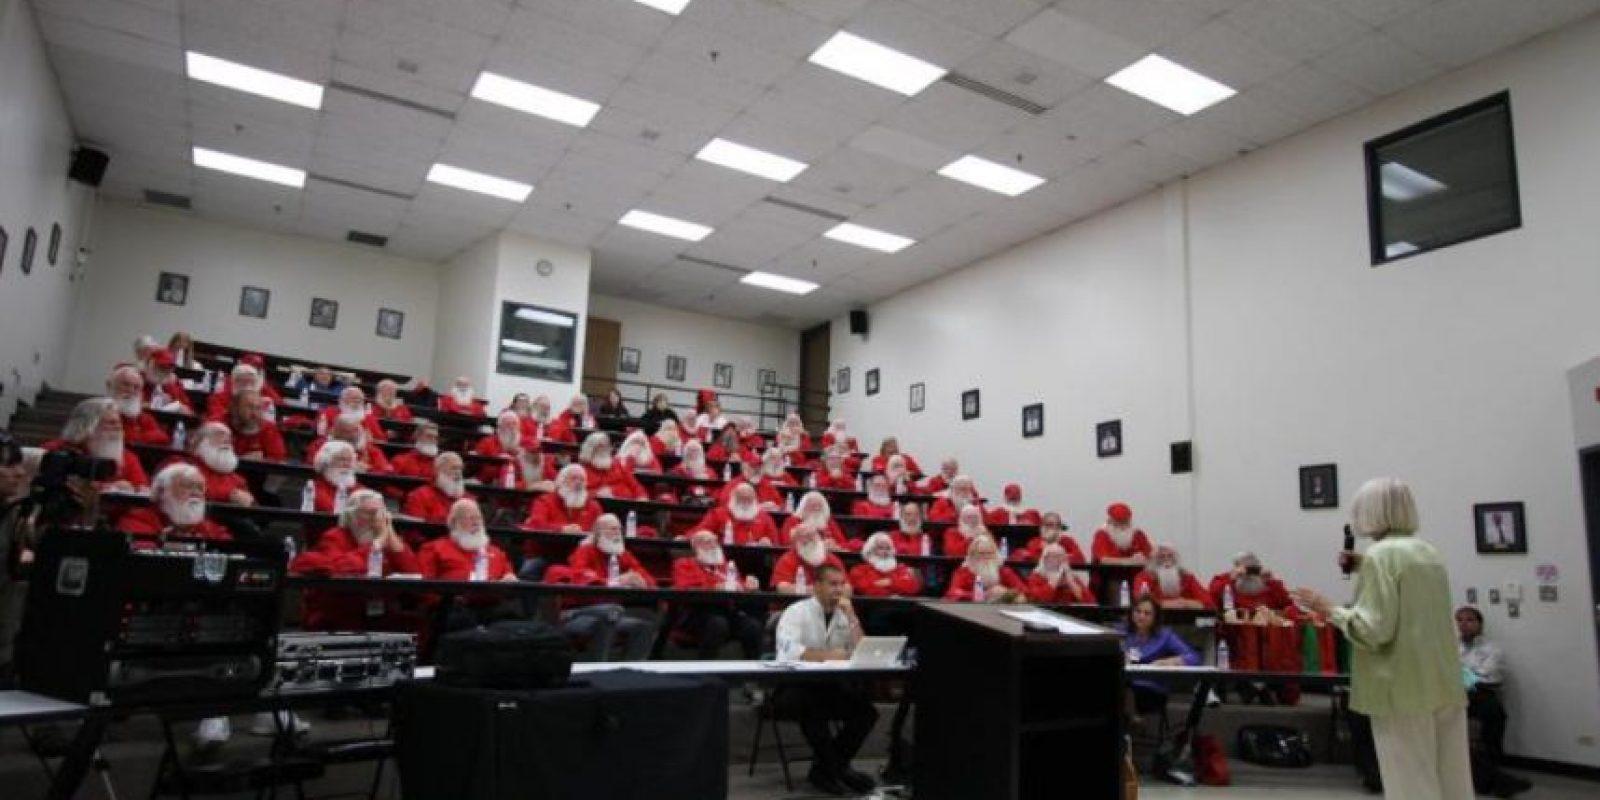 La empresa Noerr Programs Corp. comboca a todos aquellos Santas que buscan perfeccionar sus habilidades. Foto:Vía facebook.com/noerrprograms